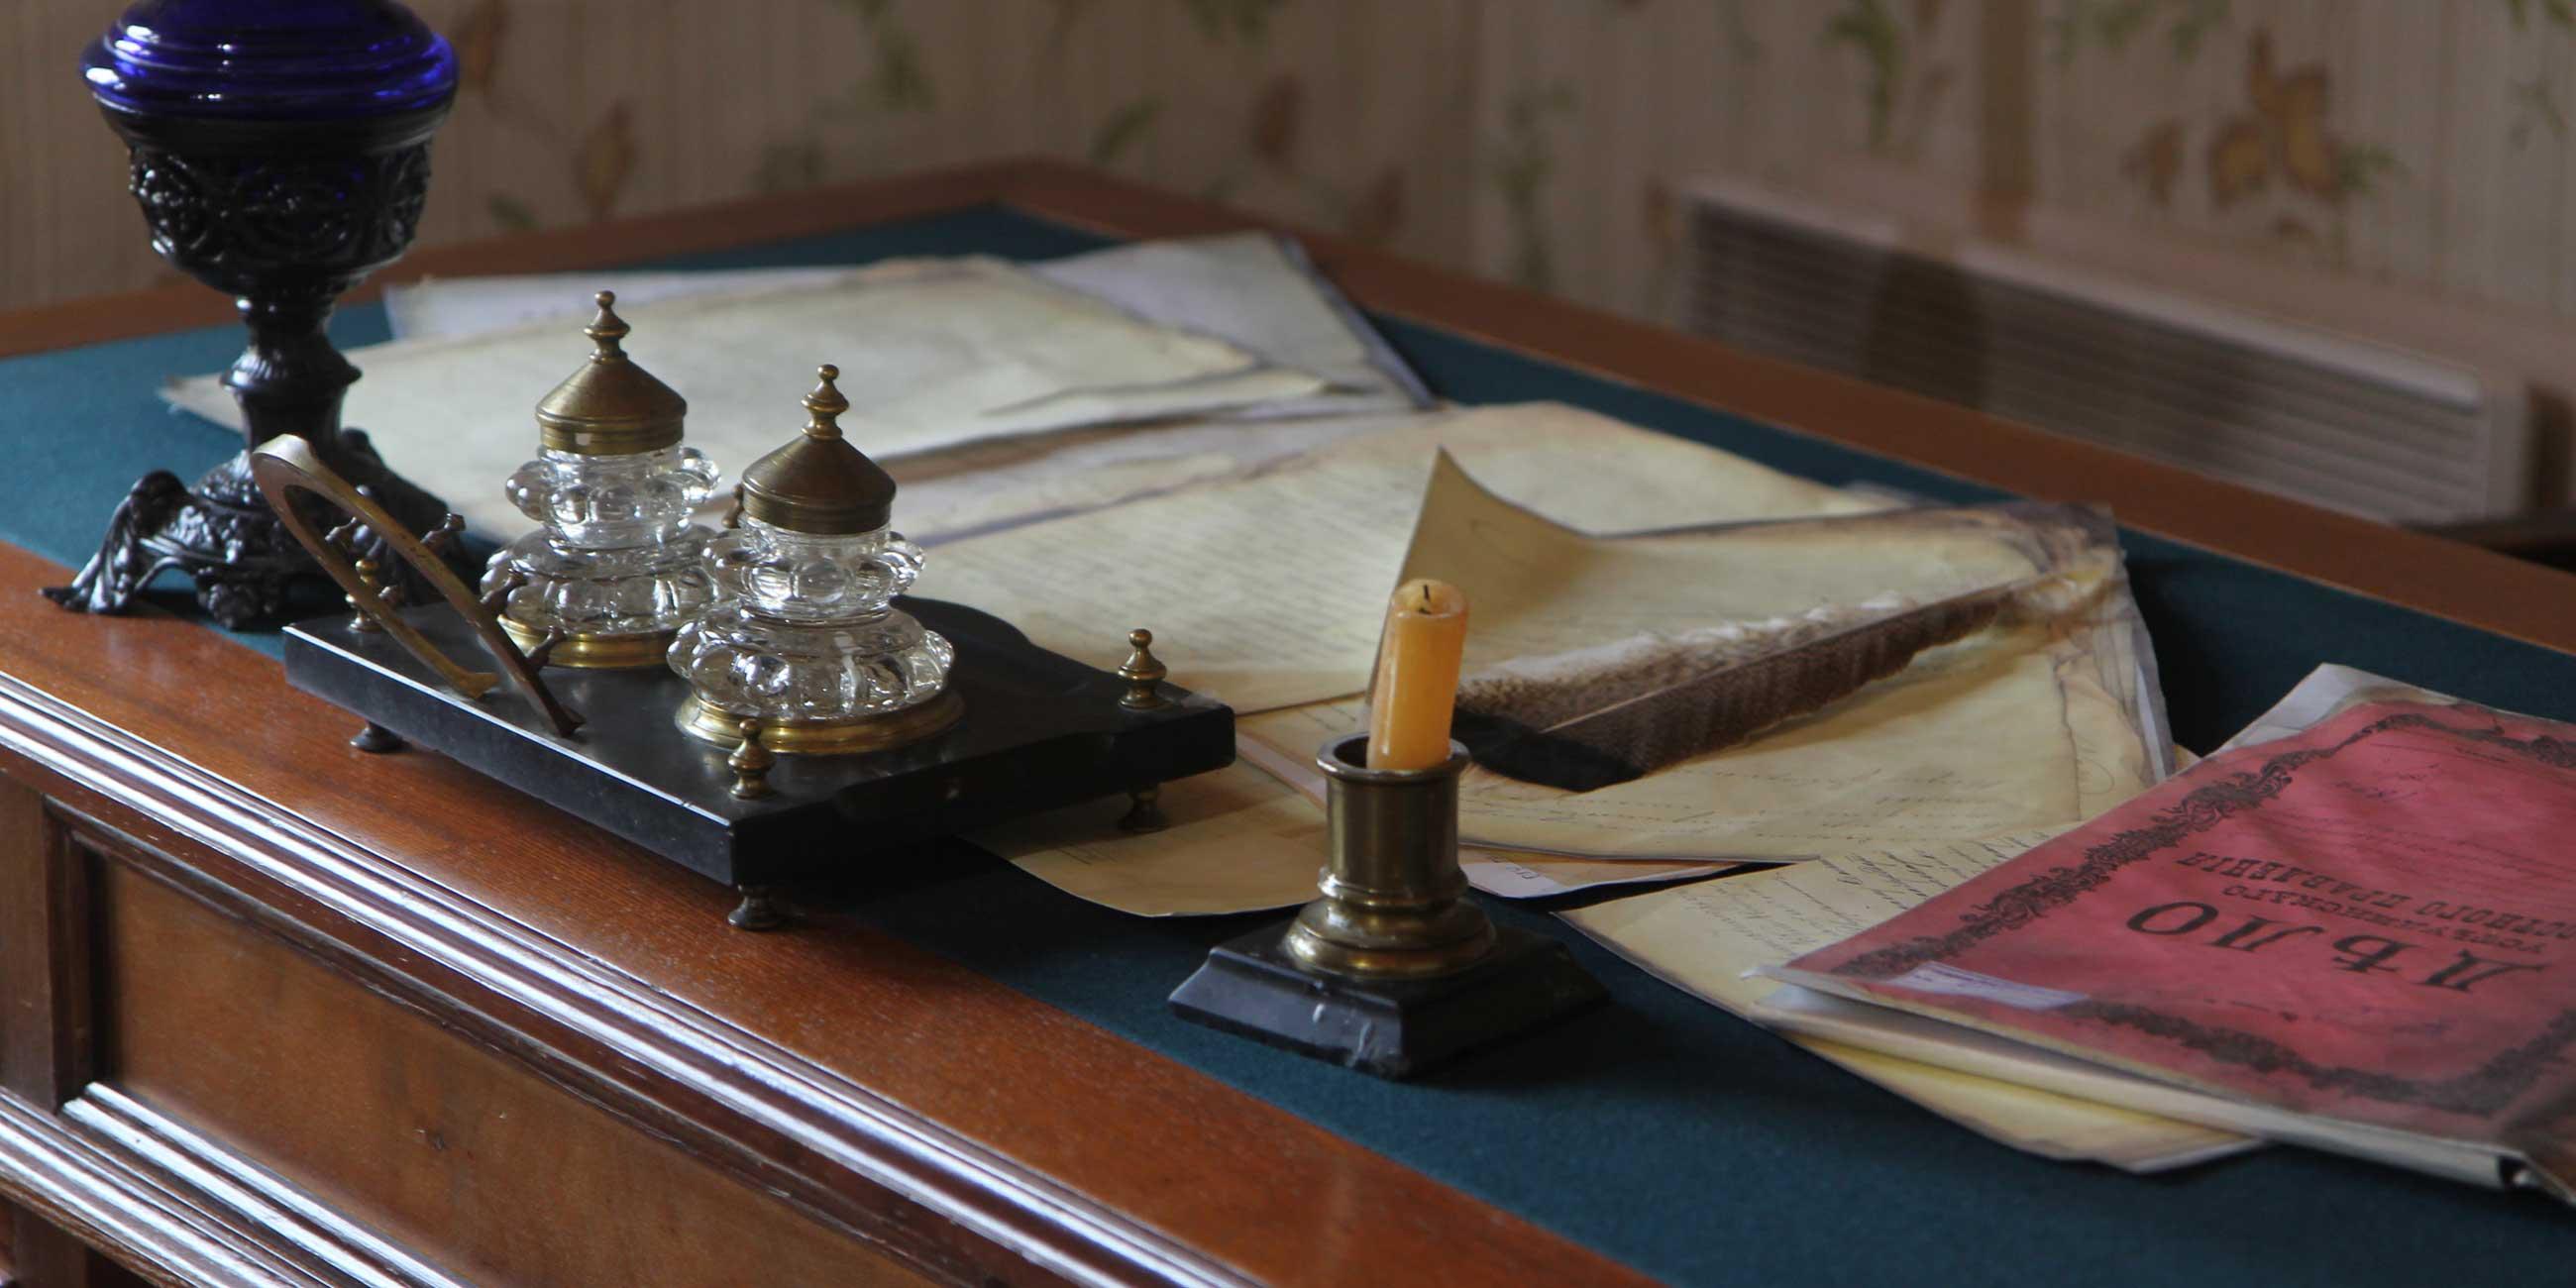 Один из домов стилизован под рабочий кабинет - можно увидеть, чем пользовались служащие  столетие назад.Фото: Фото: Юлия ПЫХАЛОВА,